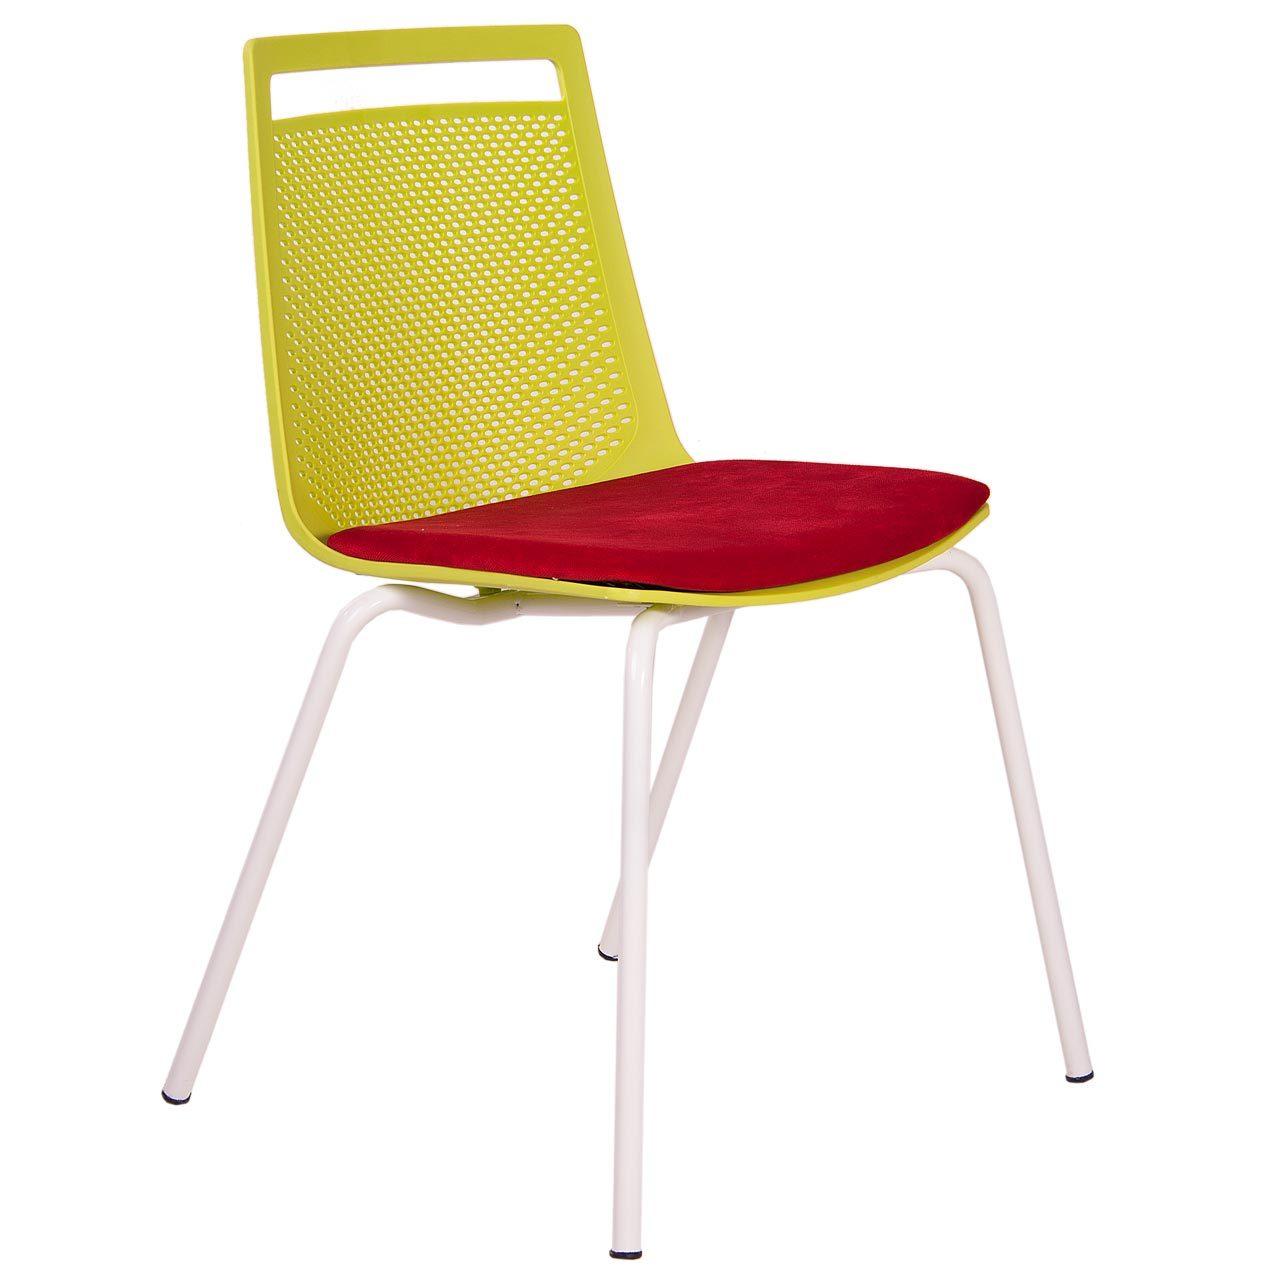 صندلی رستورانی آکامی مدل AK62-تشکدار